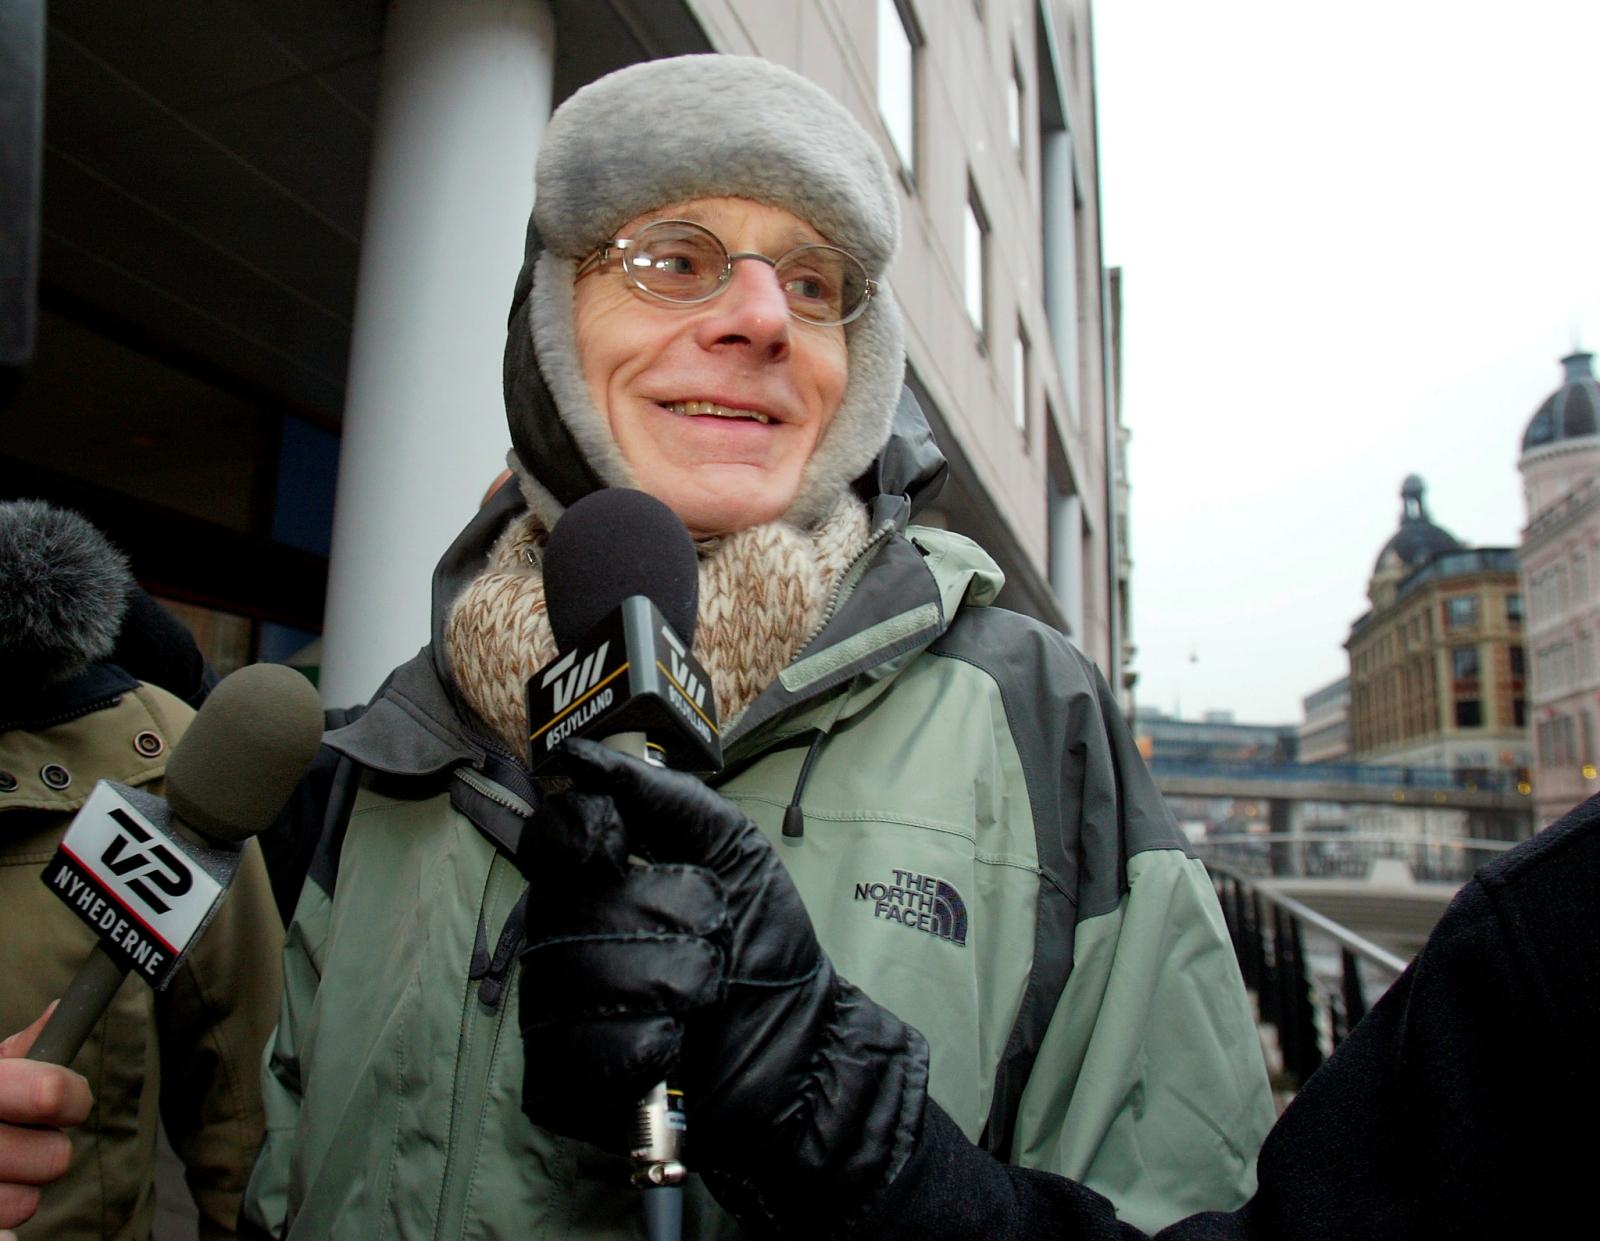 Mogens Amdi Petersen is pictured in Aarhus, Denmark